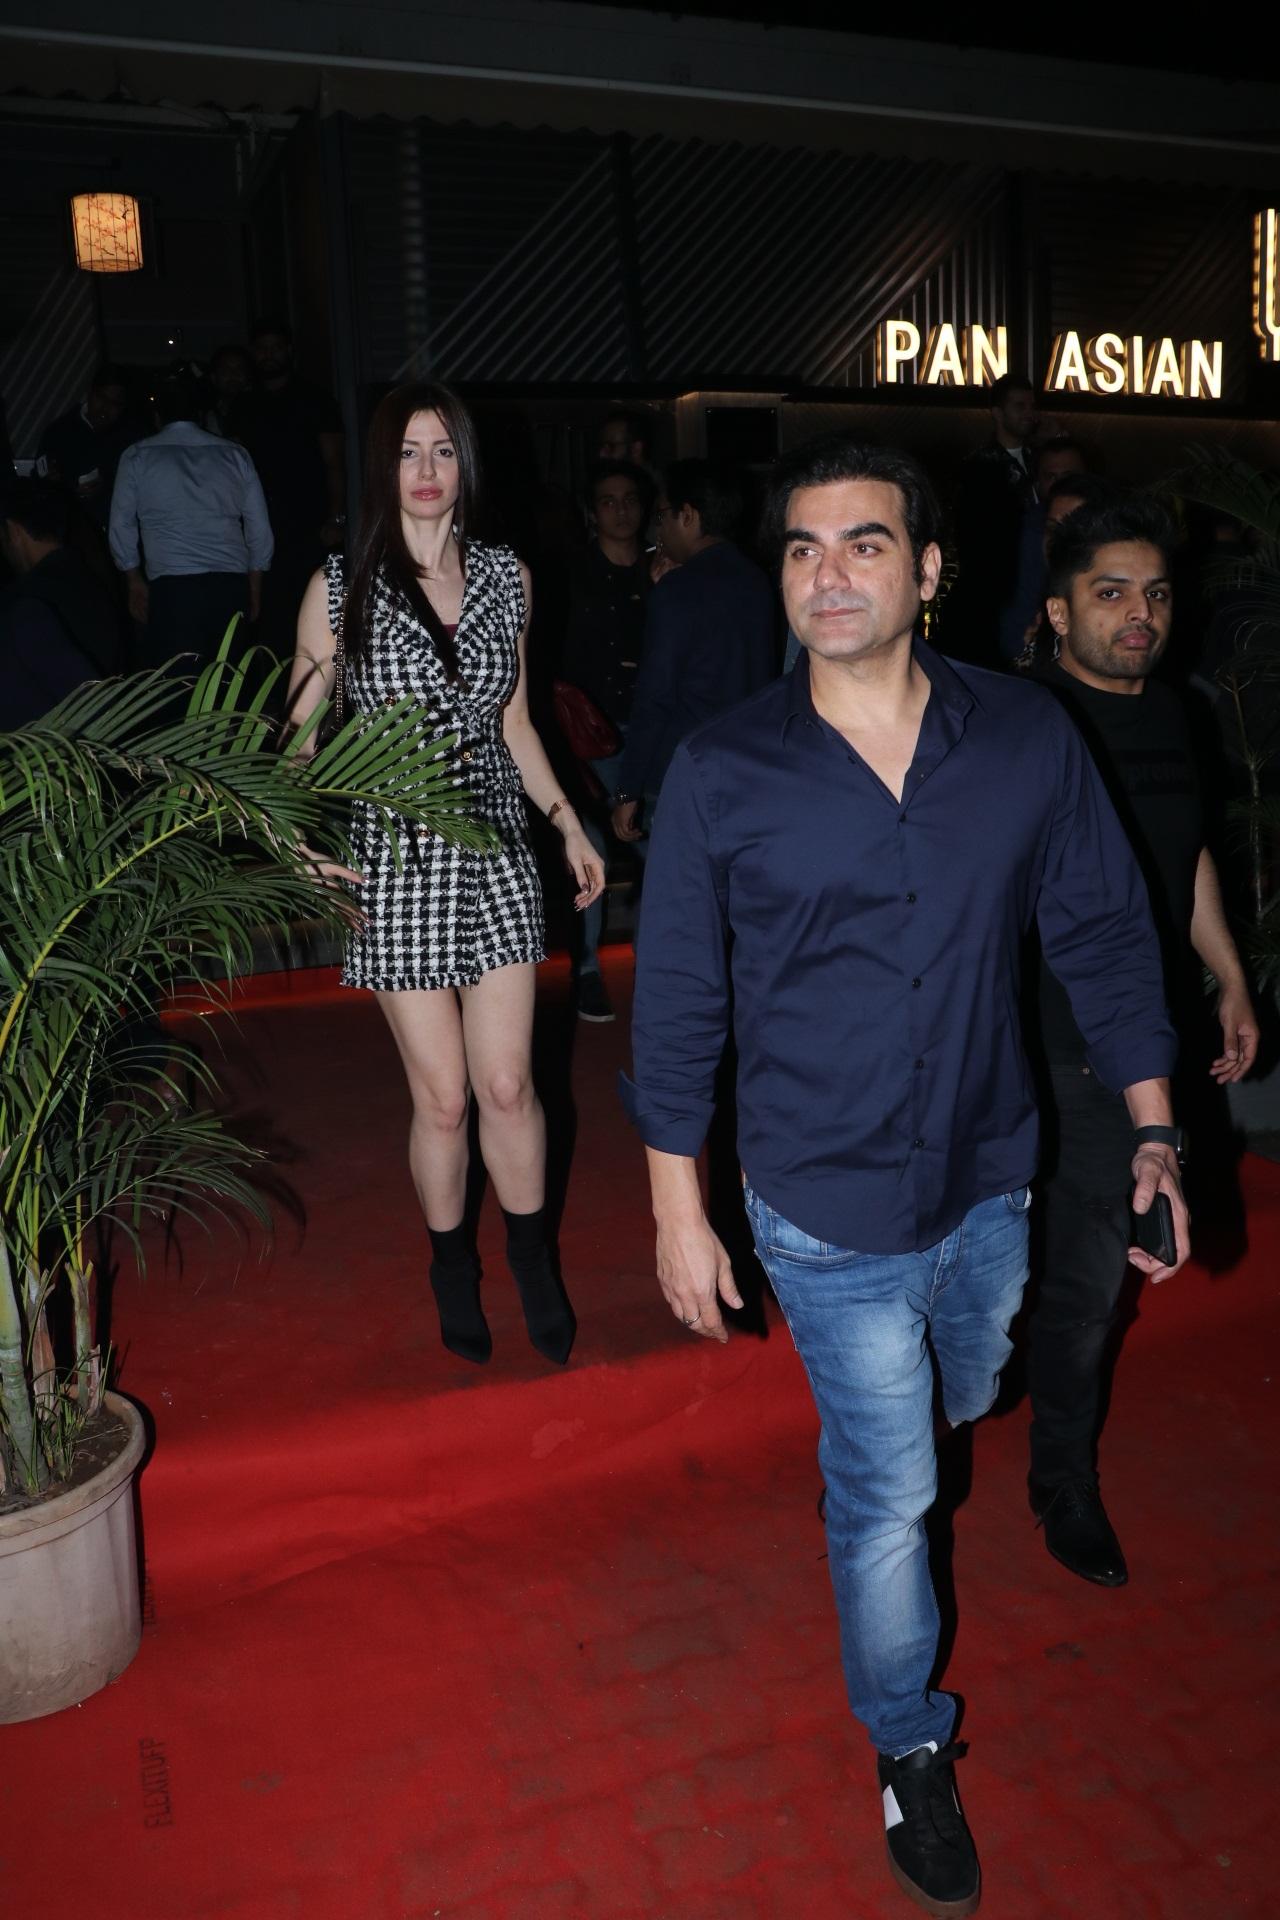 Bollywood Tadka, अरबाज खान इमेज, जॉर्जिया एंड्रियानी इमेज, डिनर डेट इमेज,